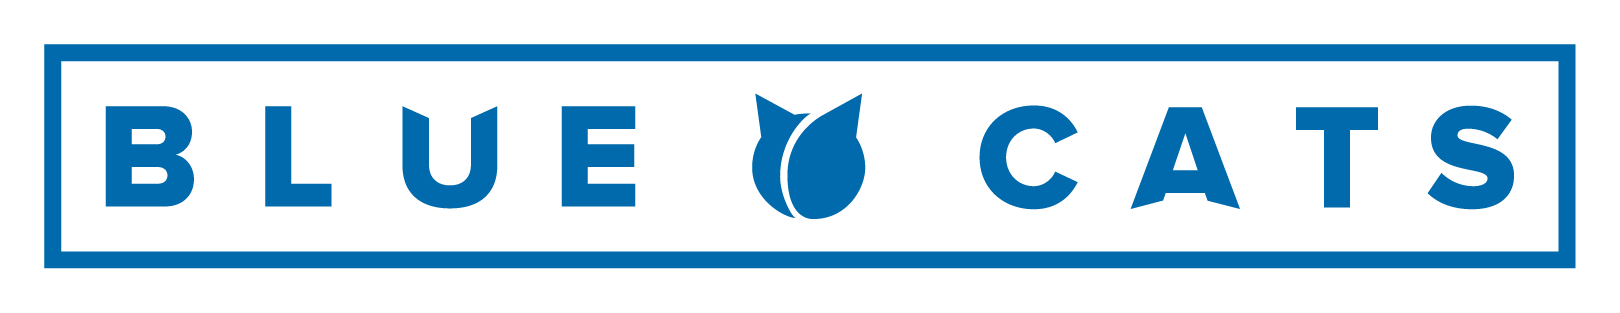 BCT001-BD-logo-v5-03-1.png